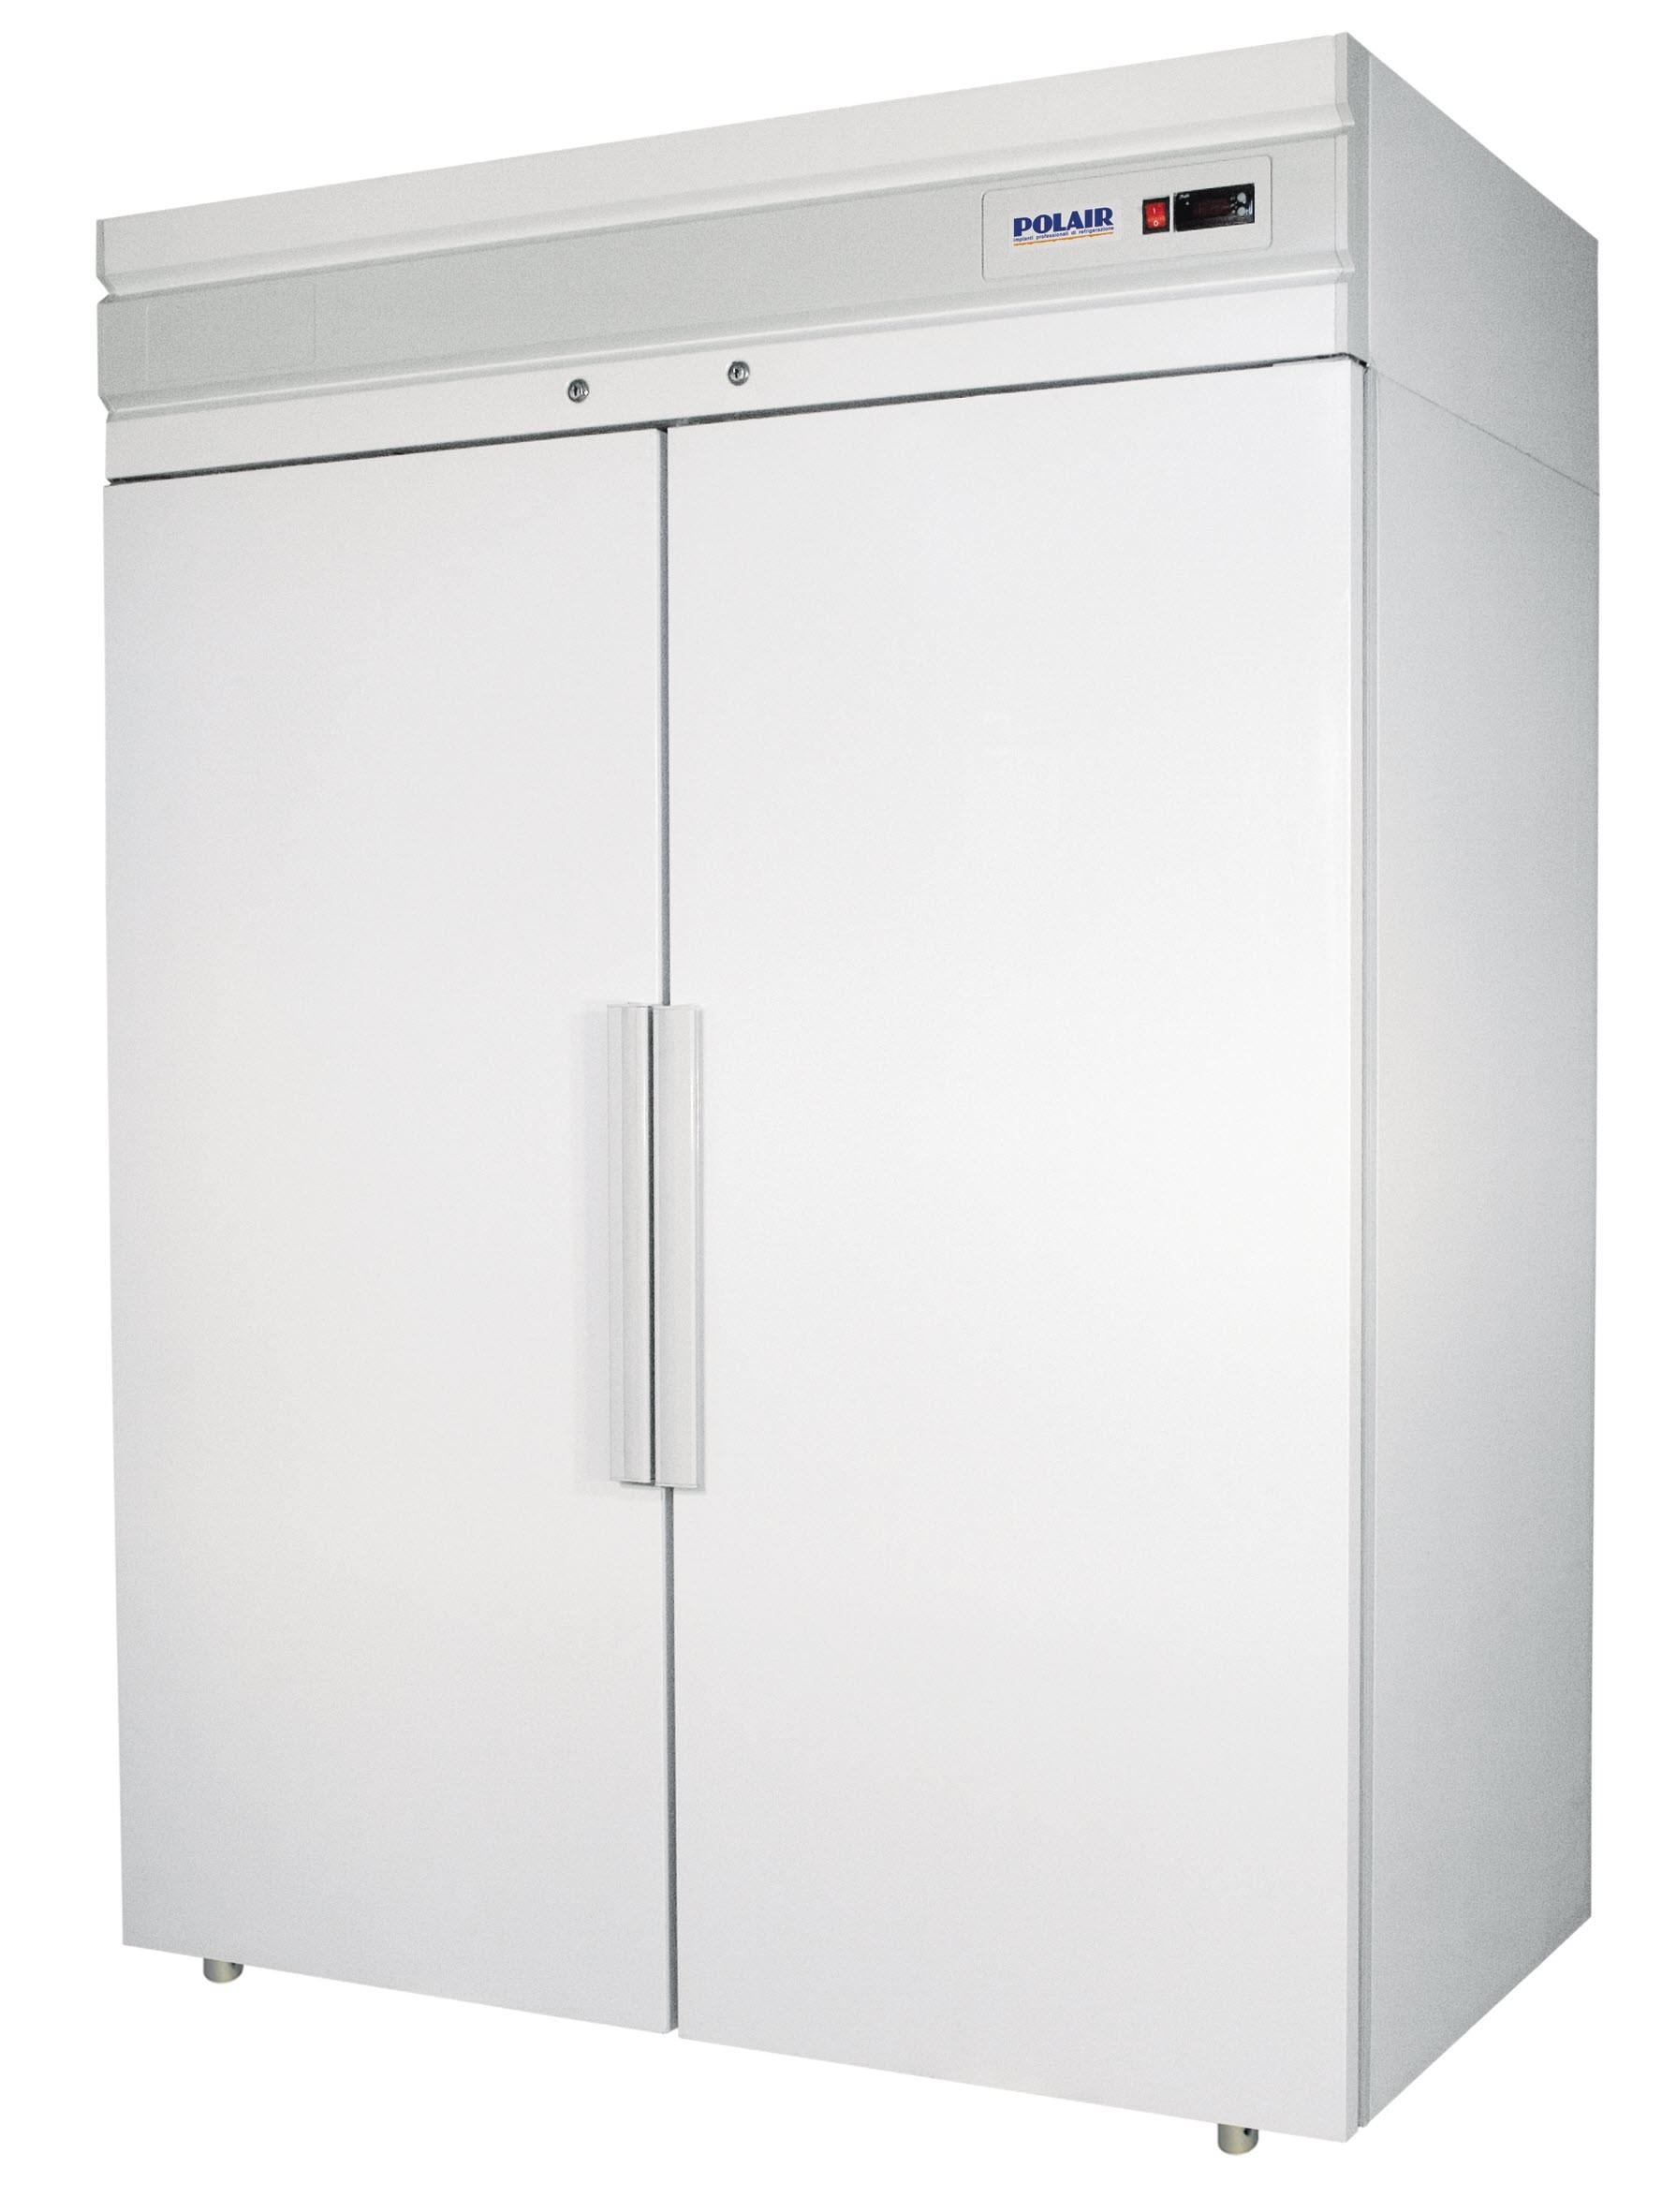 Холодильные шкафы «Polair»